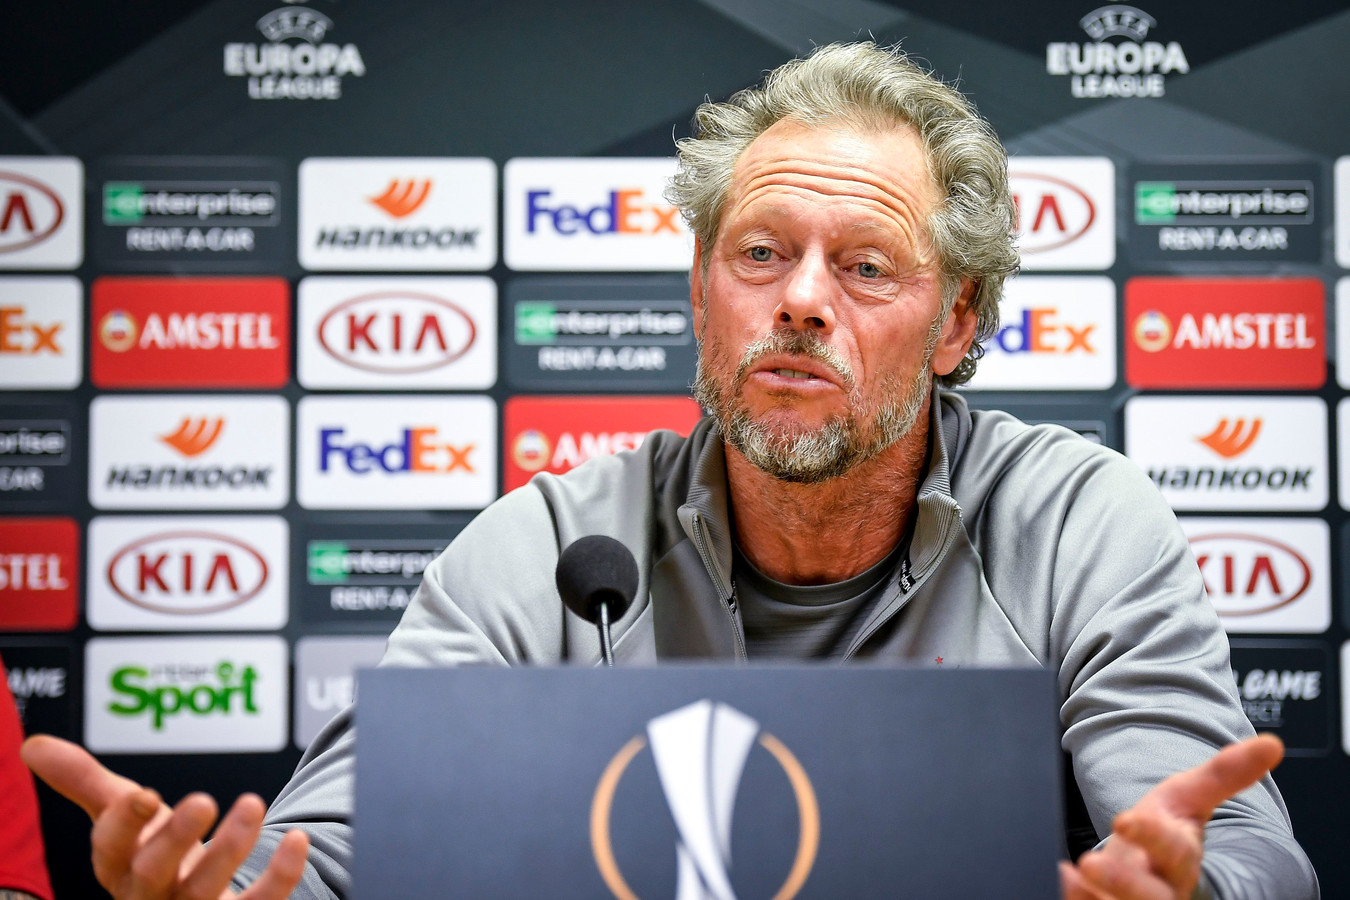 En fin connaisseur du football portugais, Michel Preud'homme sait qu'il ne faut pas prendre le Vitoria Guimaraes à la légère.